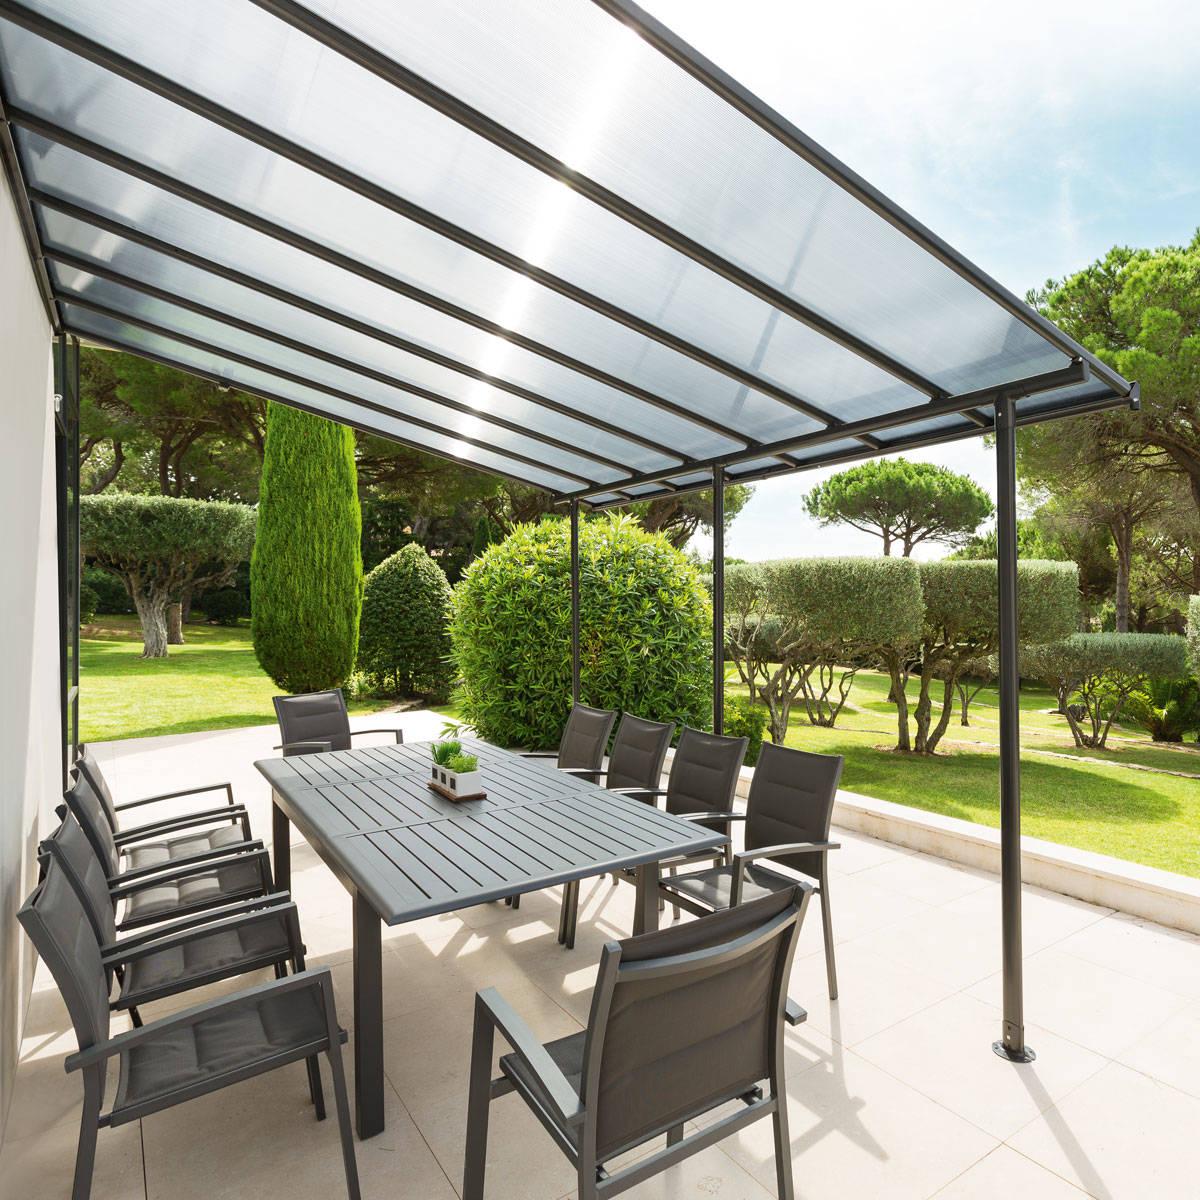 Hespéride Pergola Belize Noir mat Jardin 4 x 3 m - Aluminium traité époxy, Polycarbonate